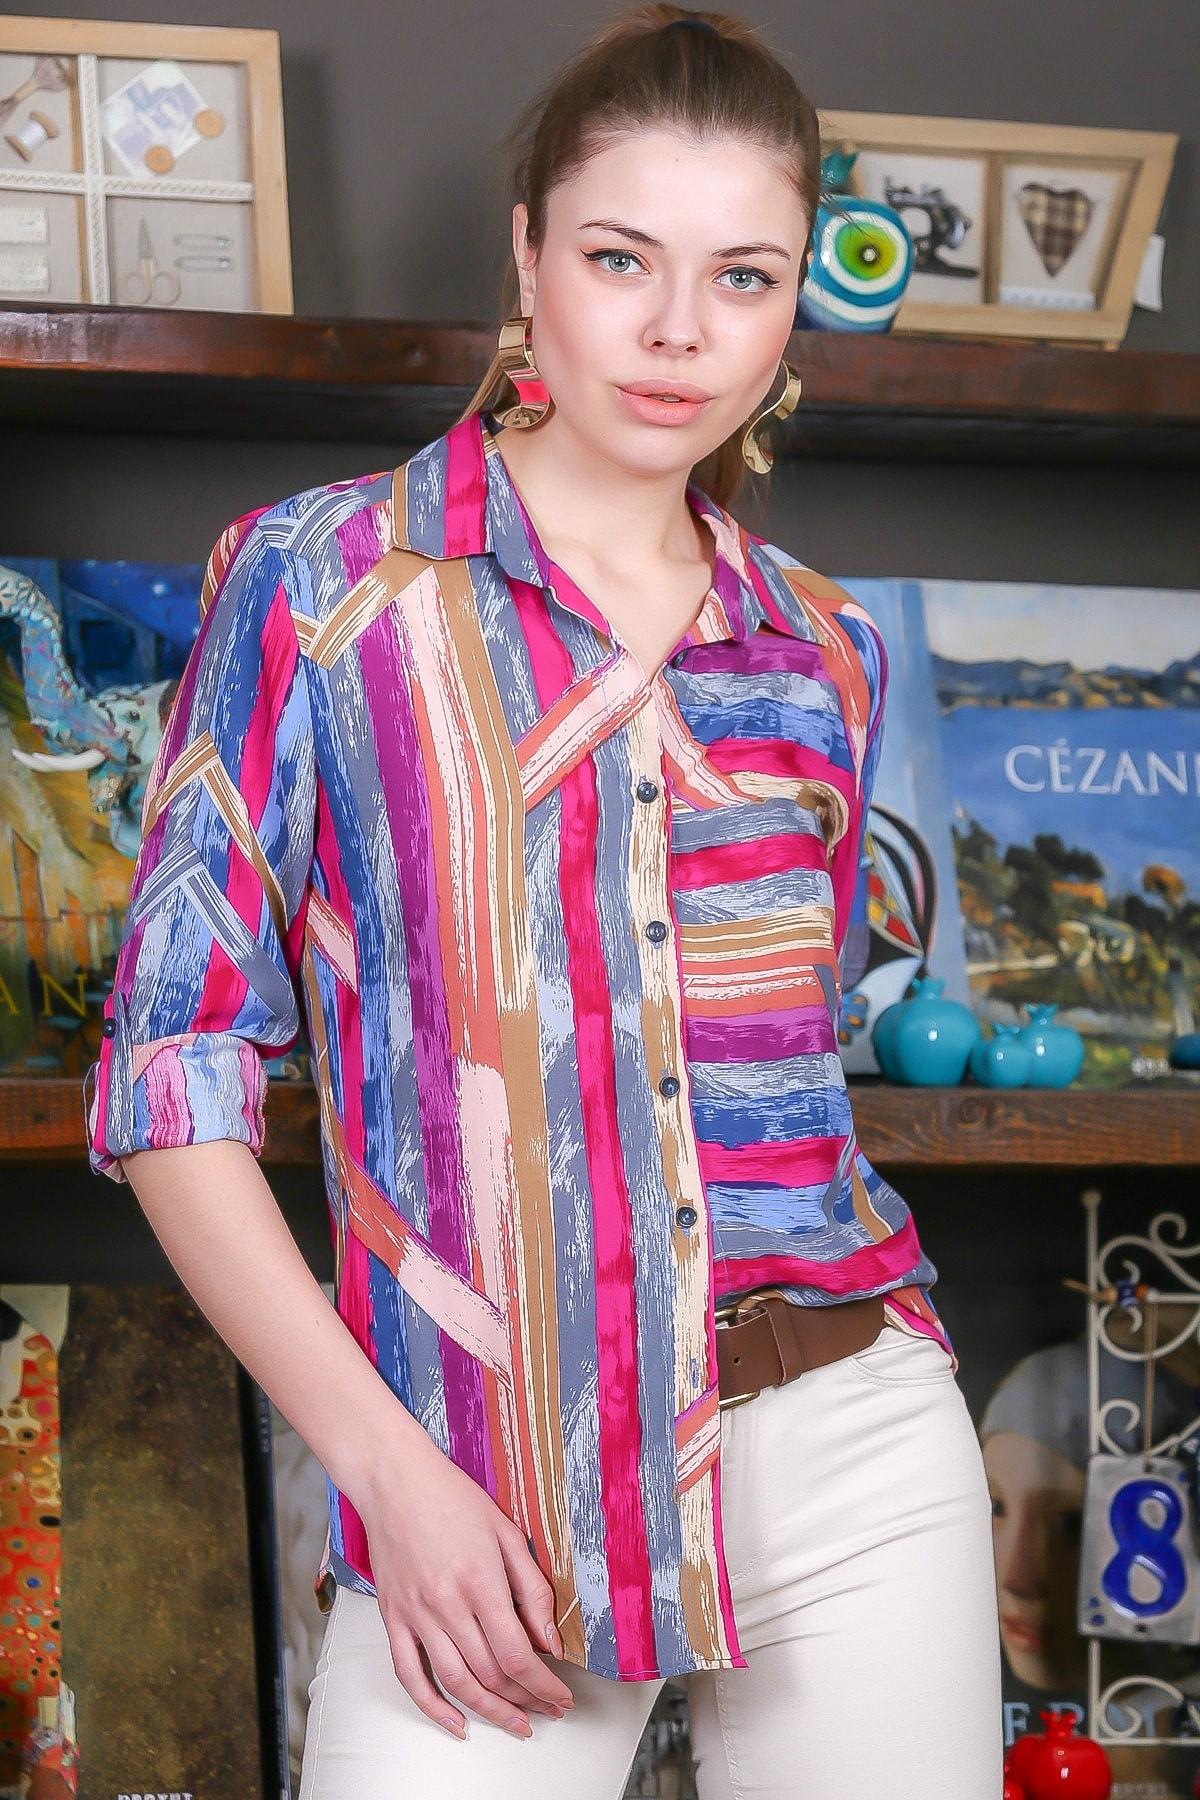 Chiccy Kadın Pembe-Mavi Renkli Çizgi Desenli Kolları Ayar Düğmeli Dokuma Gömlek M10010400GM99441 1